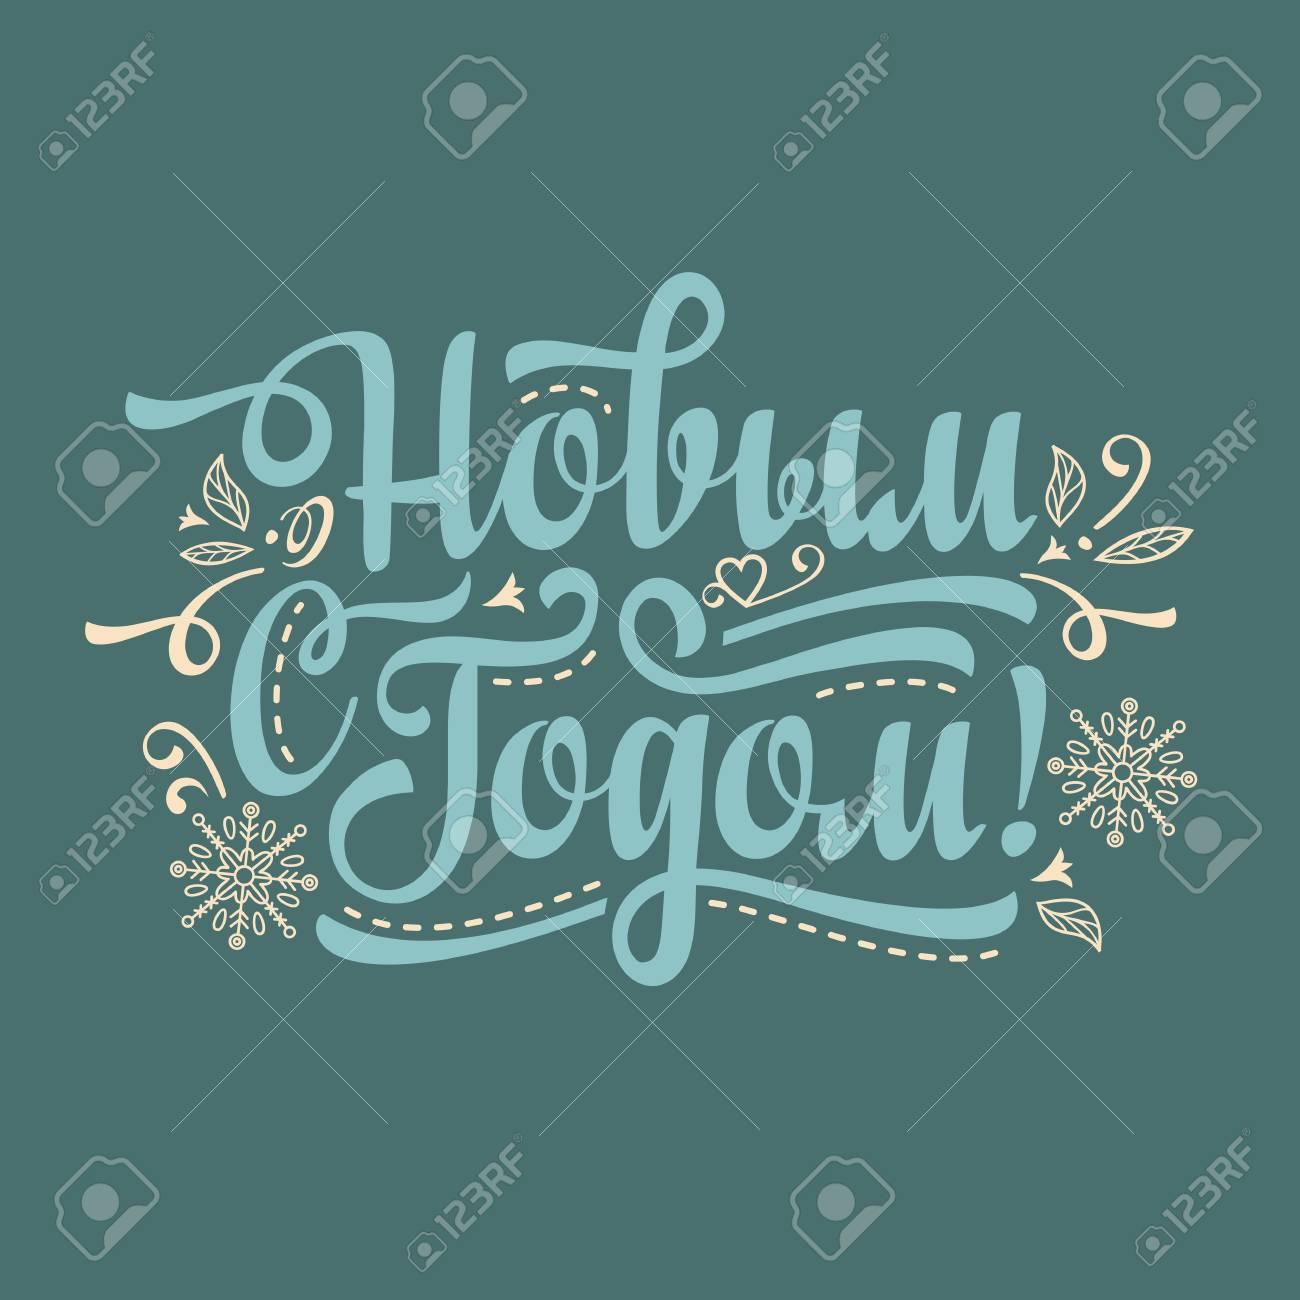 Cartão De Ano Novo Fundo De Férias Frase Em Língua Russa Desejos Calorosos Para Boas Festas Em Cirílico Tradução Inglesa Feliz Ano Novo